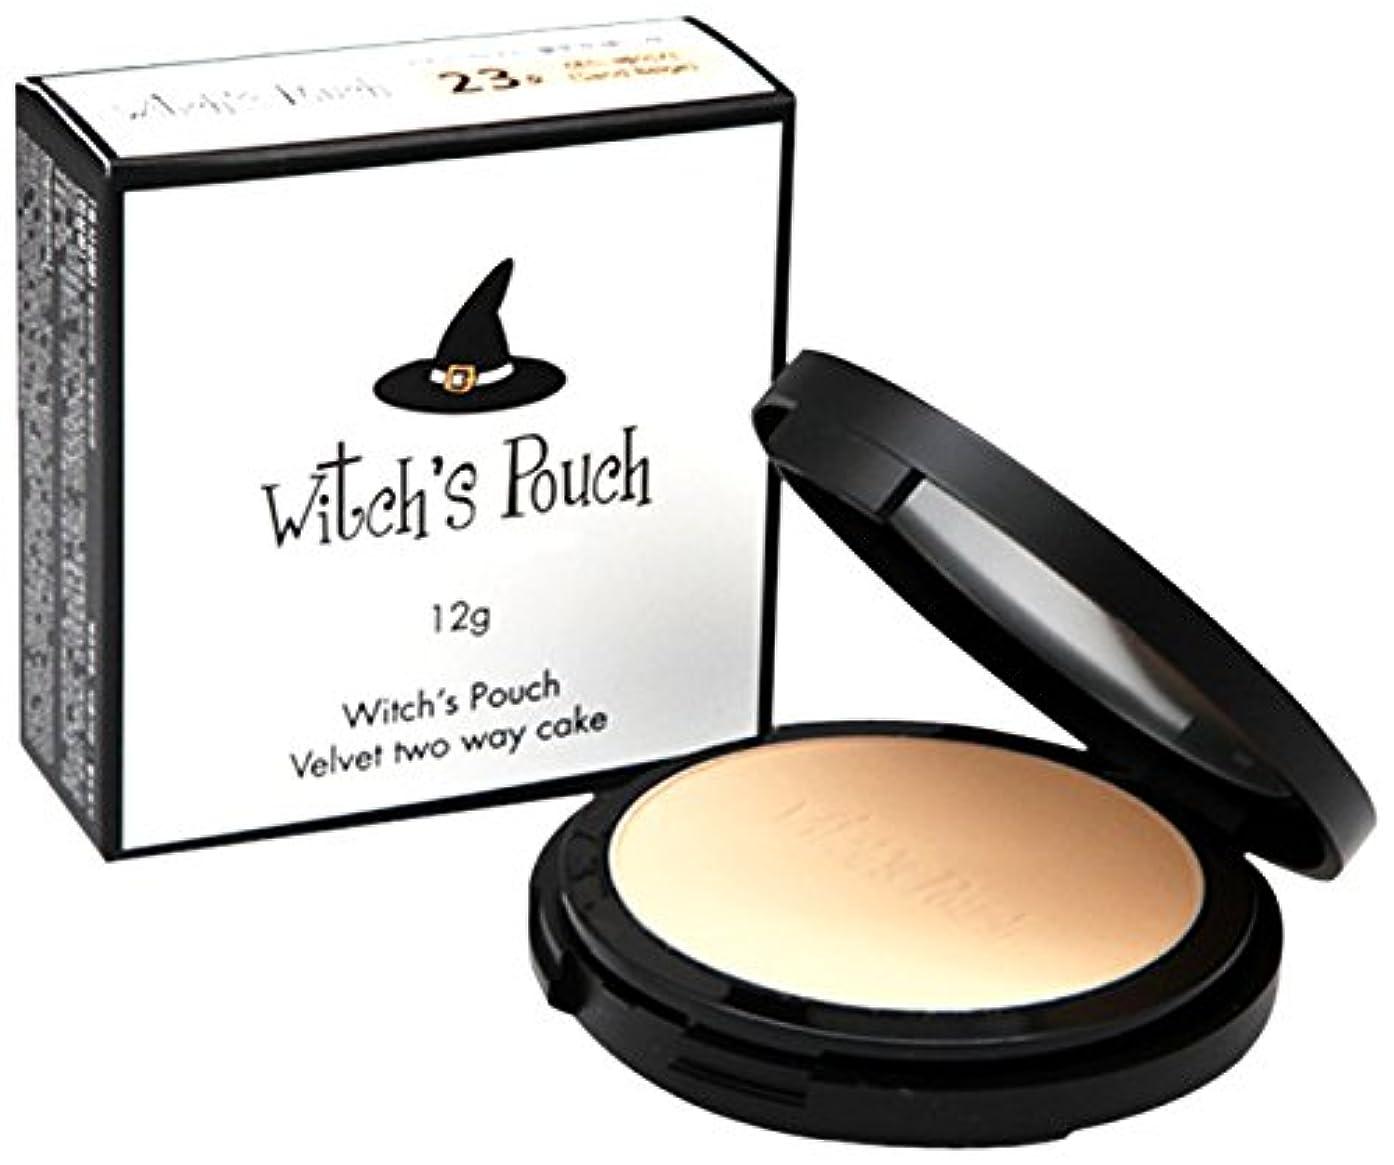 スマイル促す再生Witch's Pouch ウィッチズポーチ ヴェルベットトゥーウェイケーキ 21ナチュラルベージュ